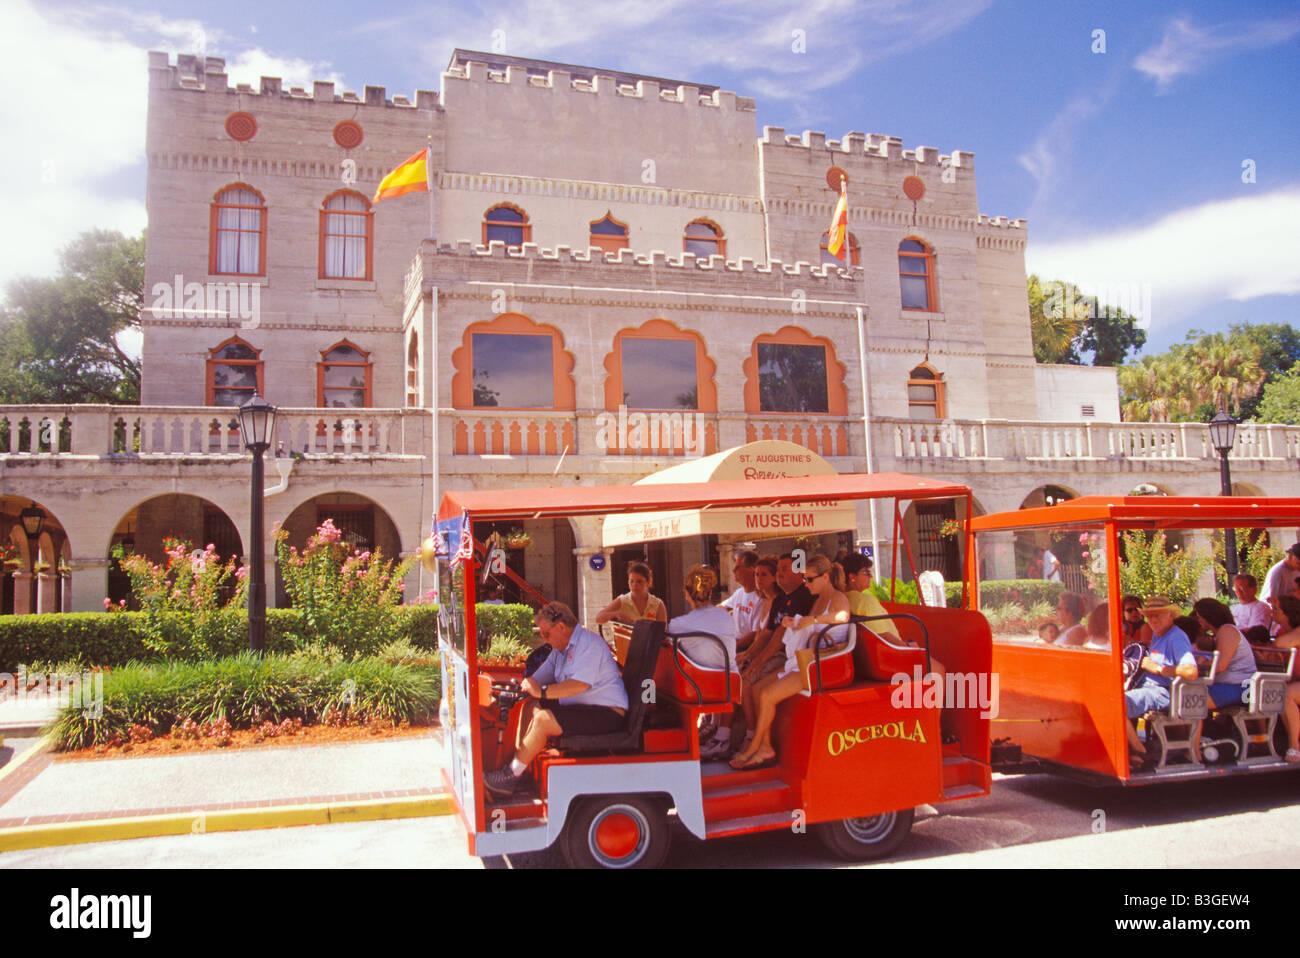 Les directeurs d'établissement Château Musée Ripleys croyez ou pas St Augustine en Floride Photo Stock